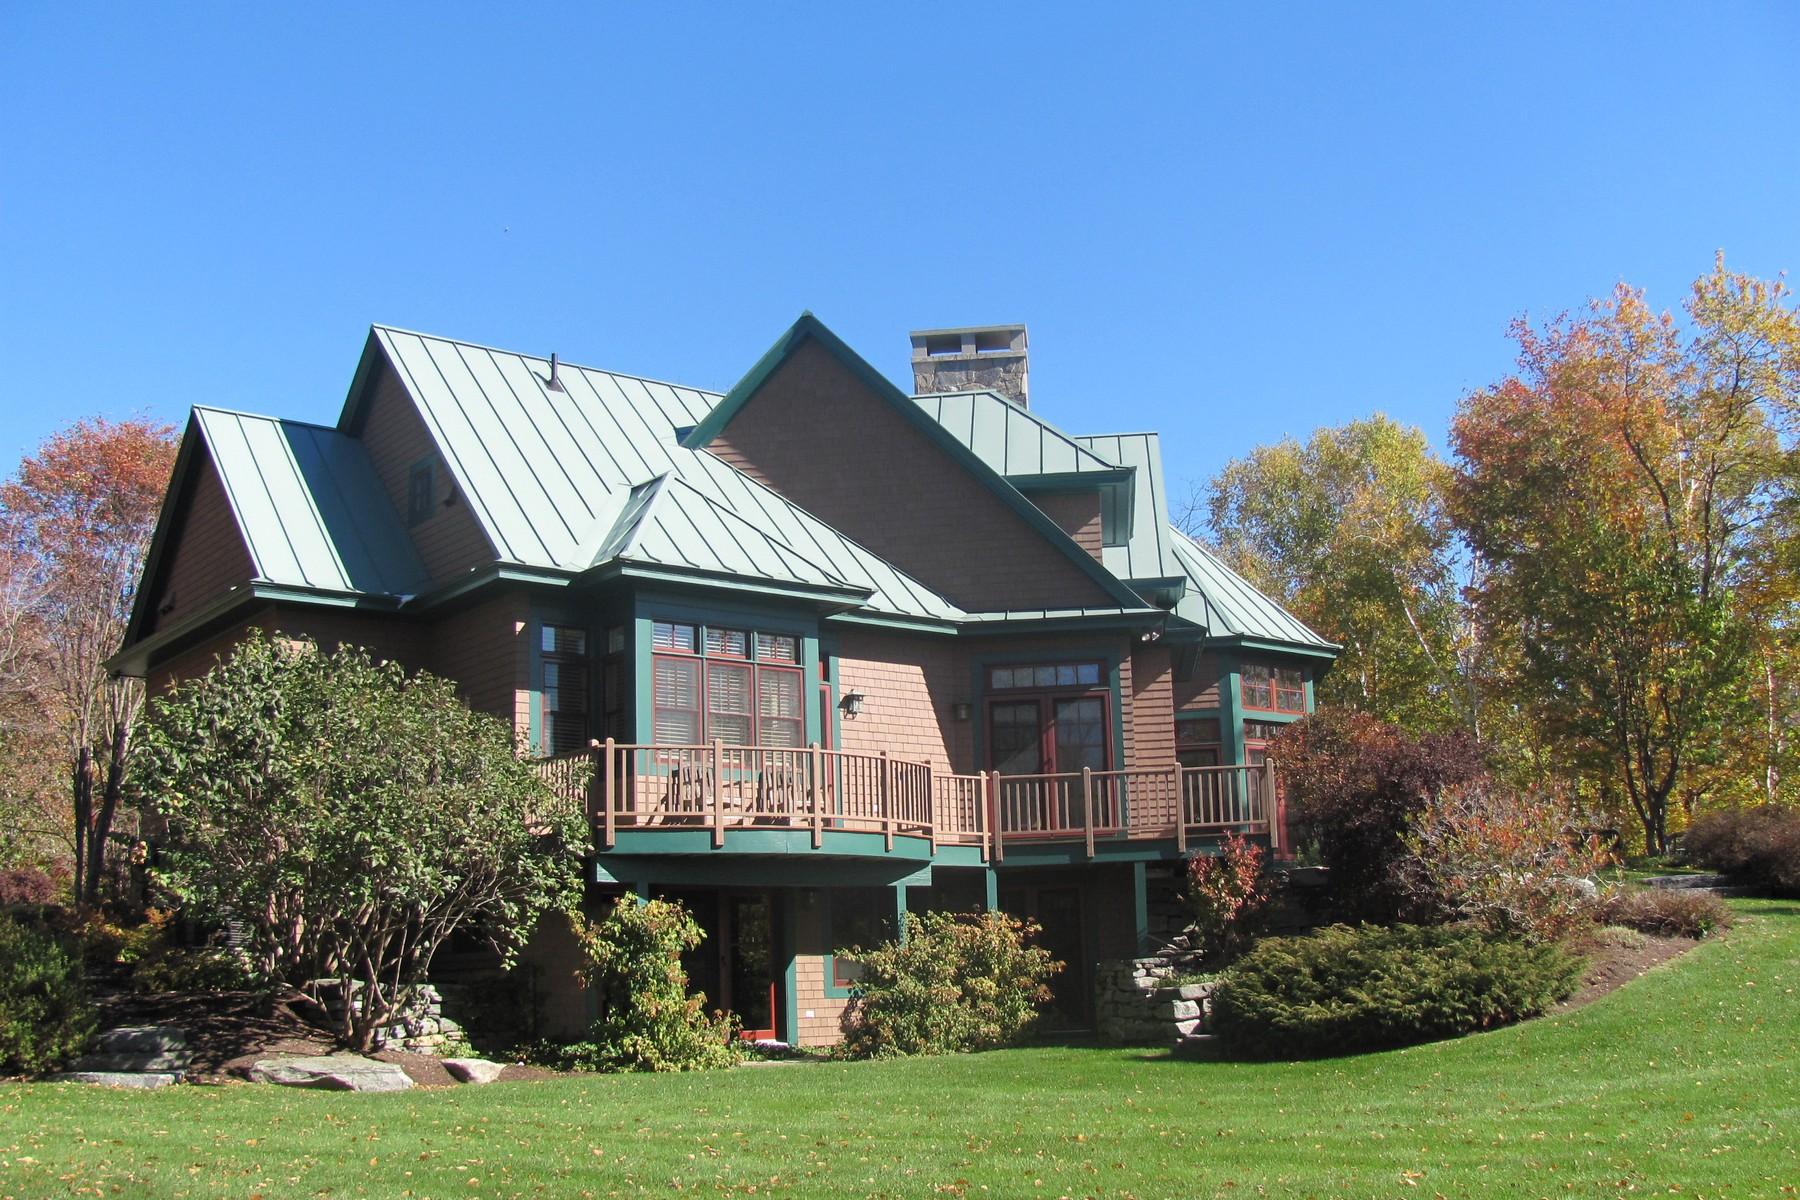 Single Family Home for Sale at 61 Dunn Lane, Dorset 61 Dunn Ln Dorset, Vermont, 05251 United States